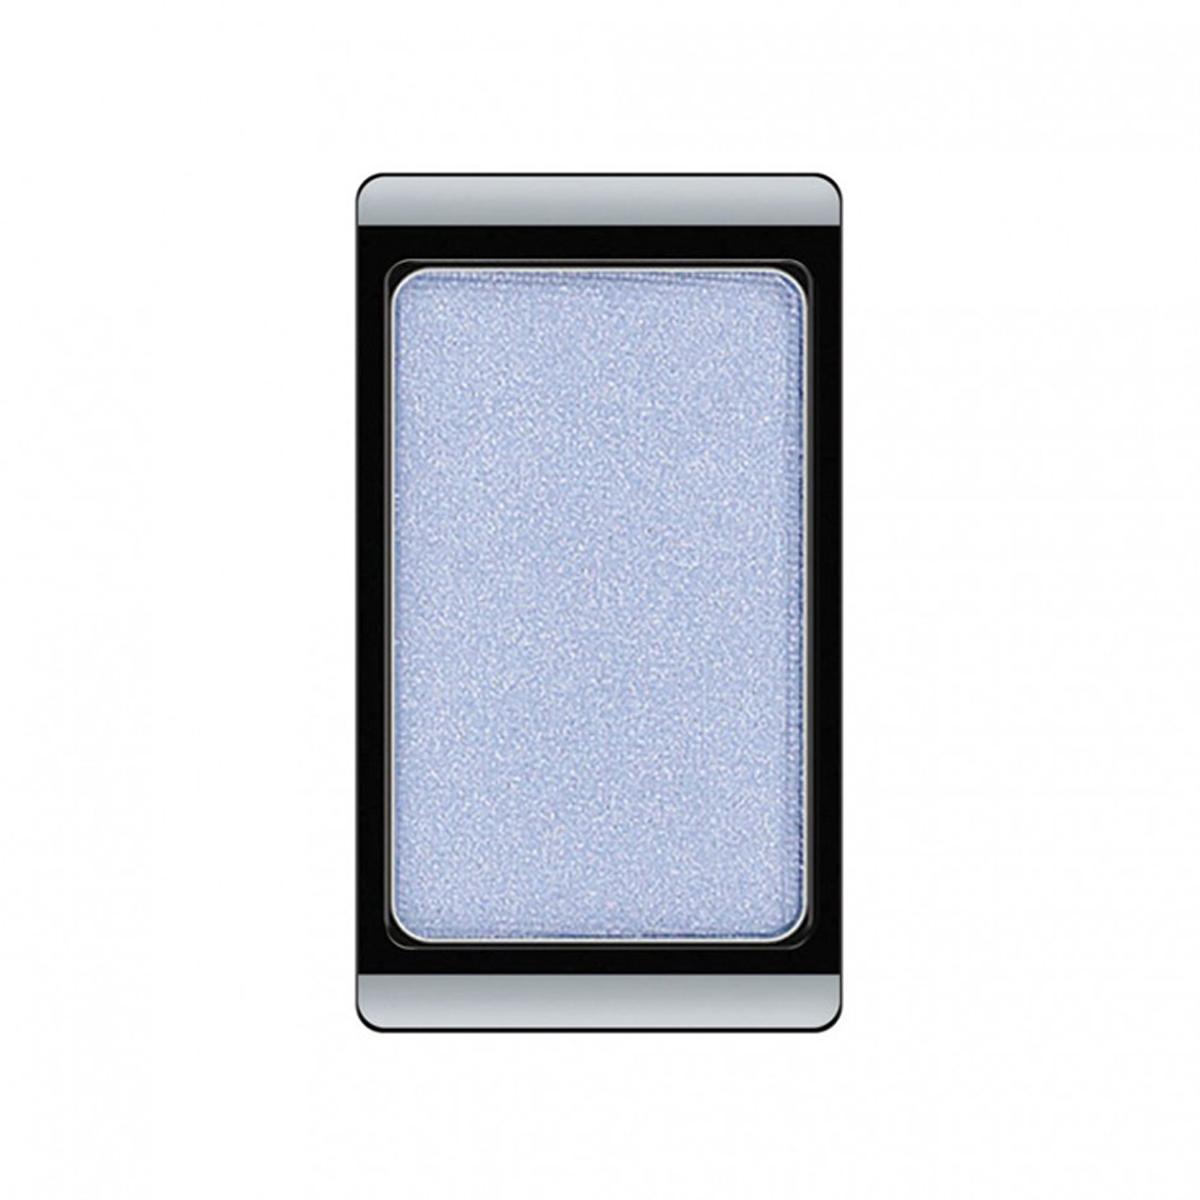 Artdeco Тени для век, перламутровые, 1 цвет, тон №75, 0,8 г30.75Перламутровые тени для век Artdeco придадут вашему взгляду выразительную глубину. Их отличает высокая стойкость и невероятно легкое нанесение. Это профессиональный продукт для несравненного результата! Упаковка на магнитах позволяет комбинировать тени по вашему выбору в элегантные коробочки. Тени Artdeco дарят возможность почувствовать себя своим собственным художником по макияжу! Характеристики:Вес: 0,8 г. Тон: №75. Производитель: Германия. Артикул: 30.75. Товар сертифицирован.